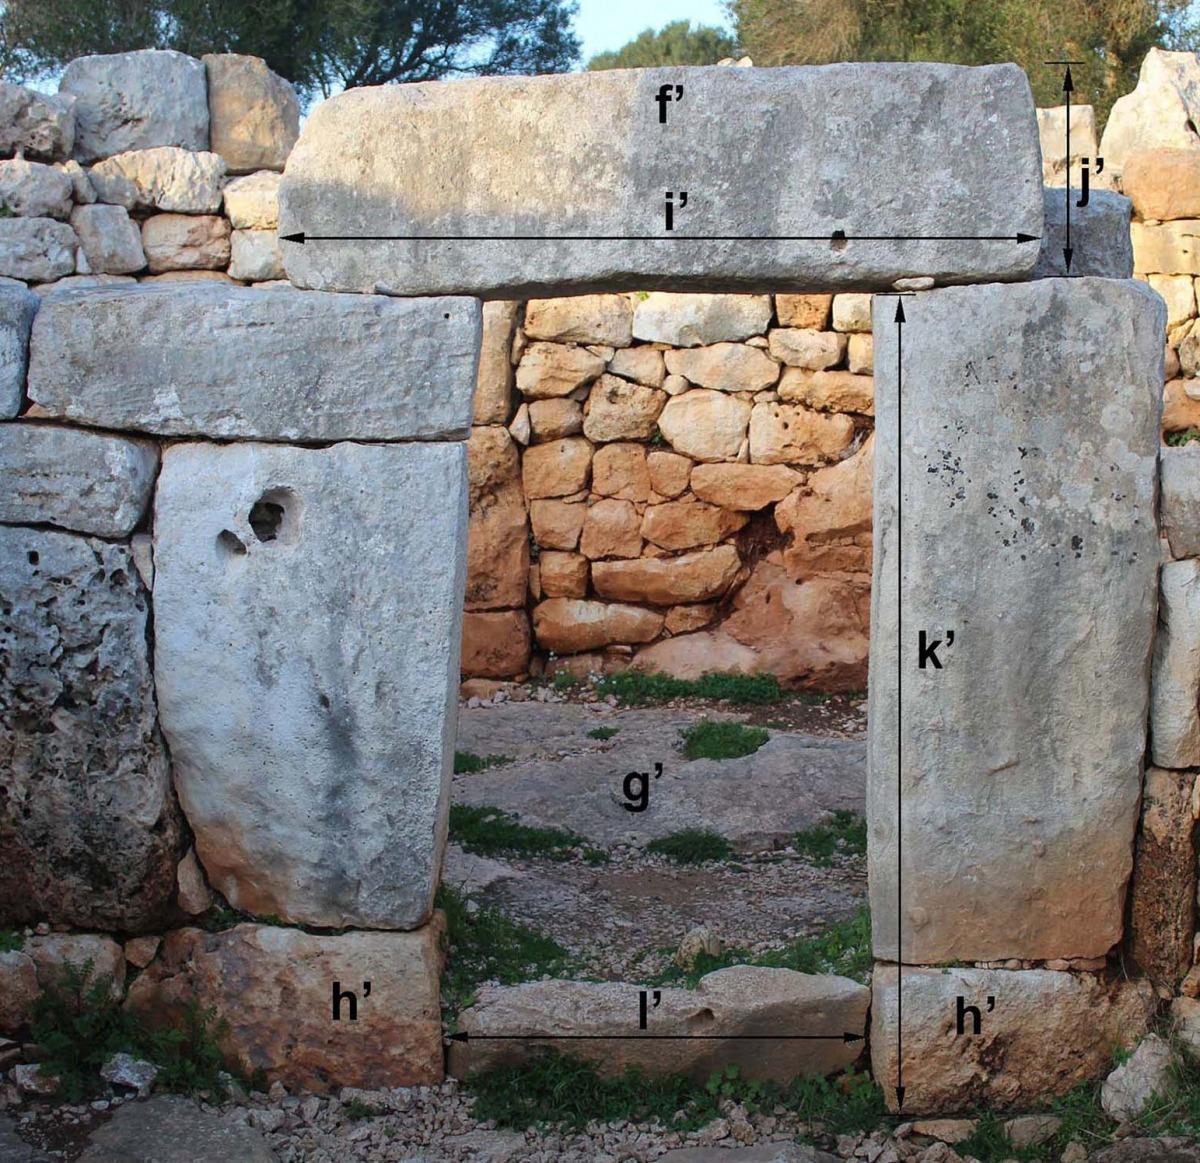 Taula de Torralba d'en Salort, que fa cinc metres d'alçada, amb el fals vano i la llinda, i porta d'una casa circular de Torre d'en Galmés.